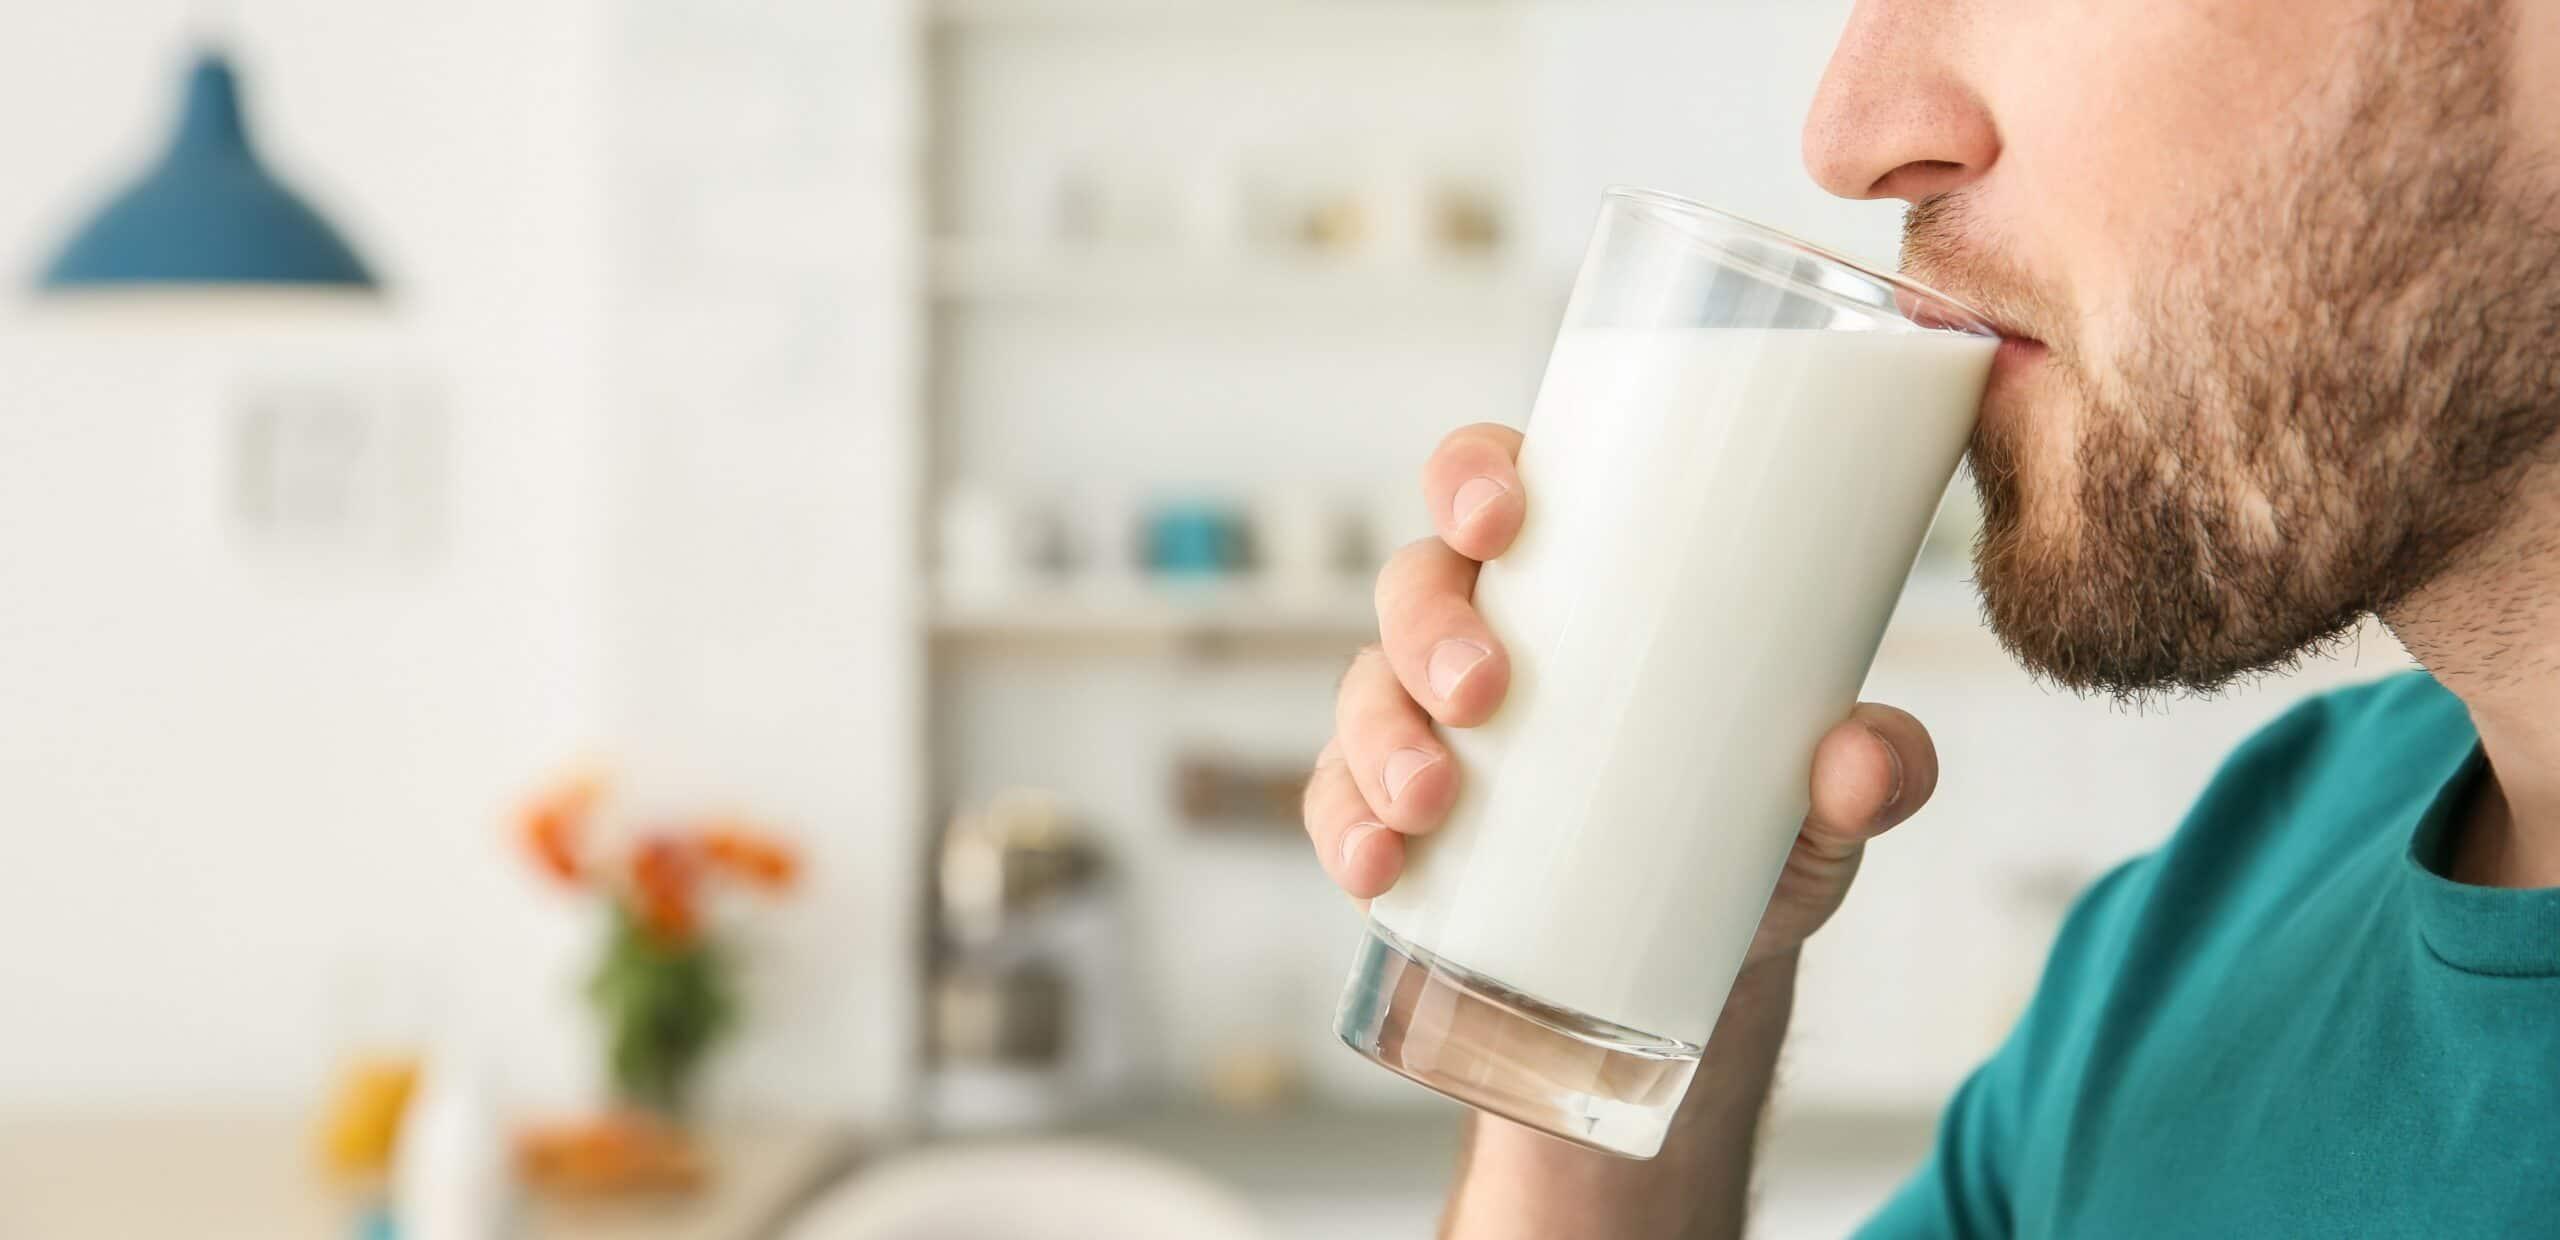 latte fa male alla salute nella dieta